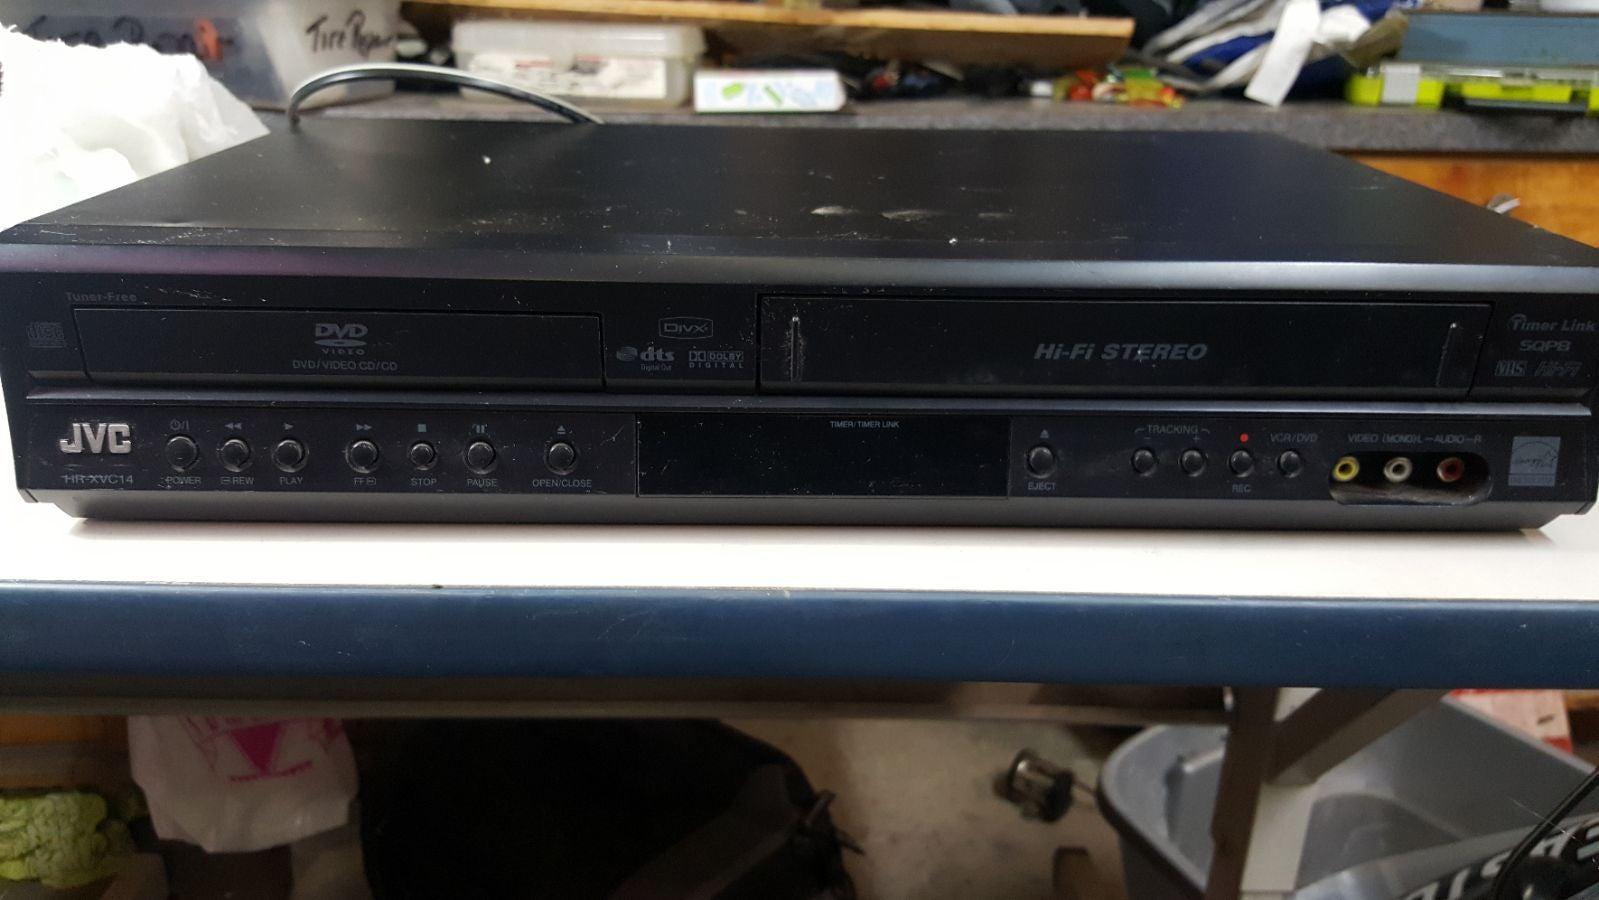 Jvc dvd VHS combo